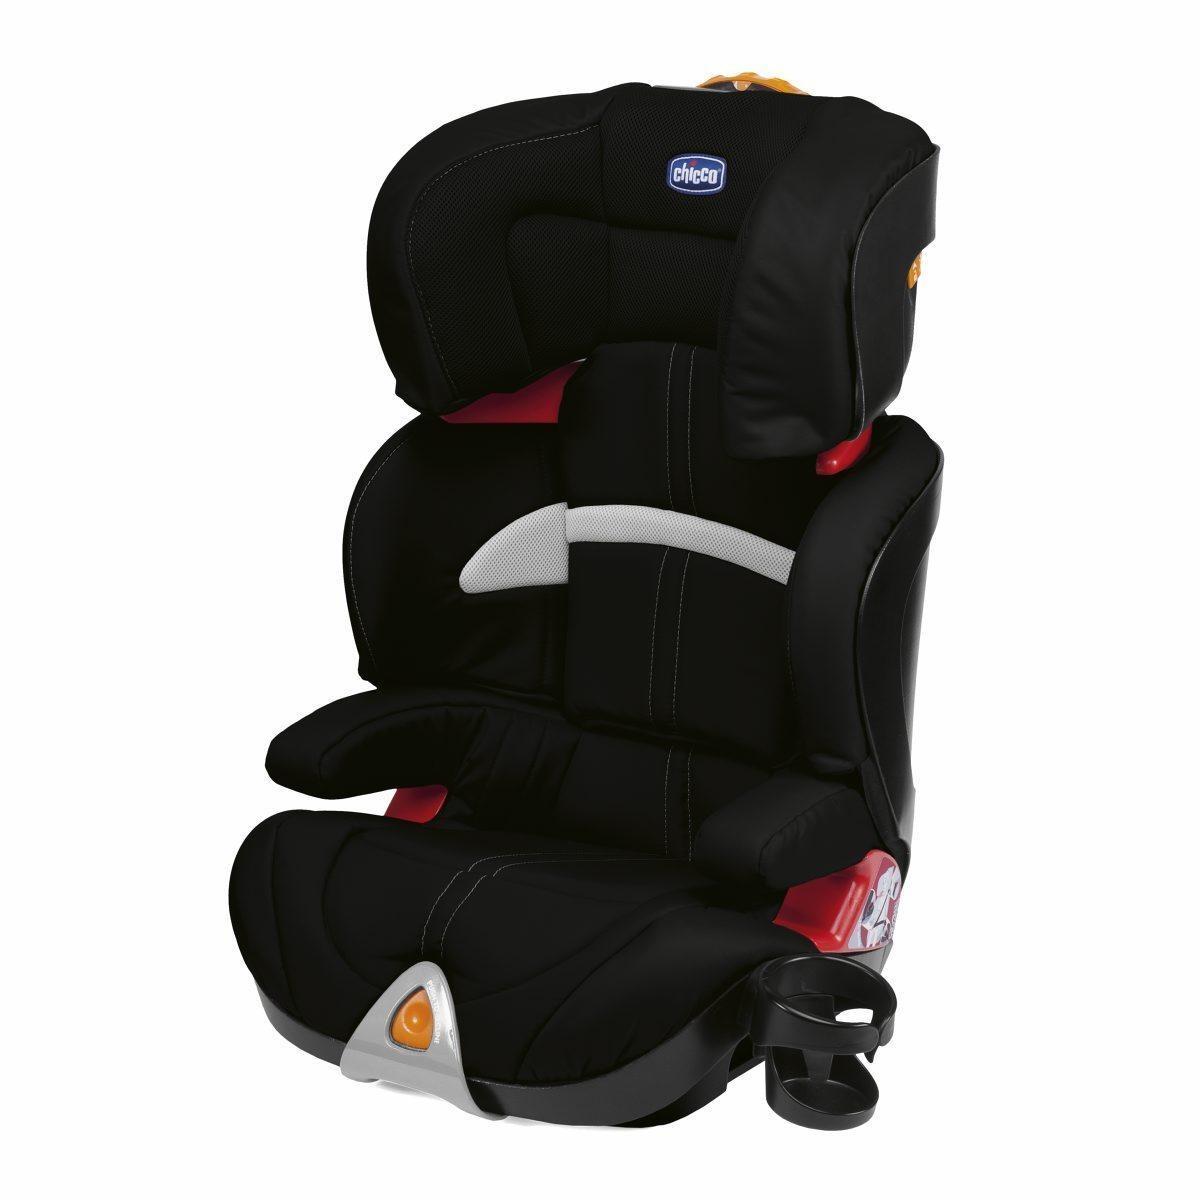 Автомобильное кресло Oasis – Black, группа 2/3, 15-36 кг.